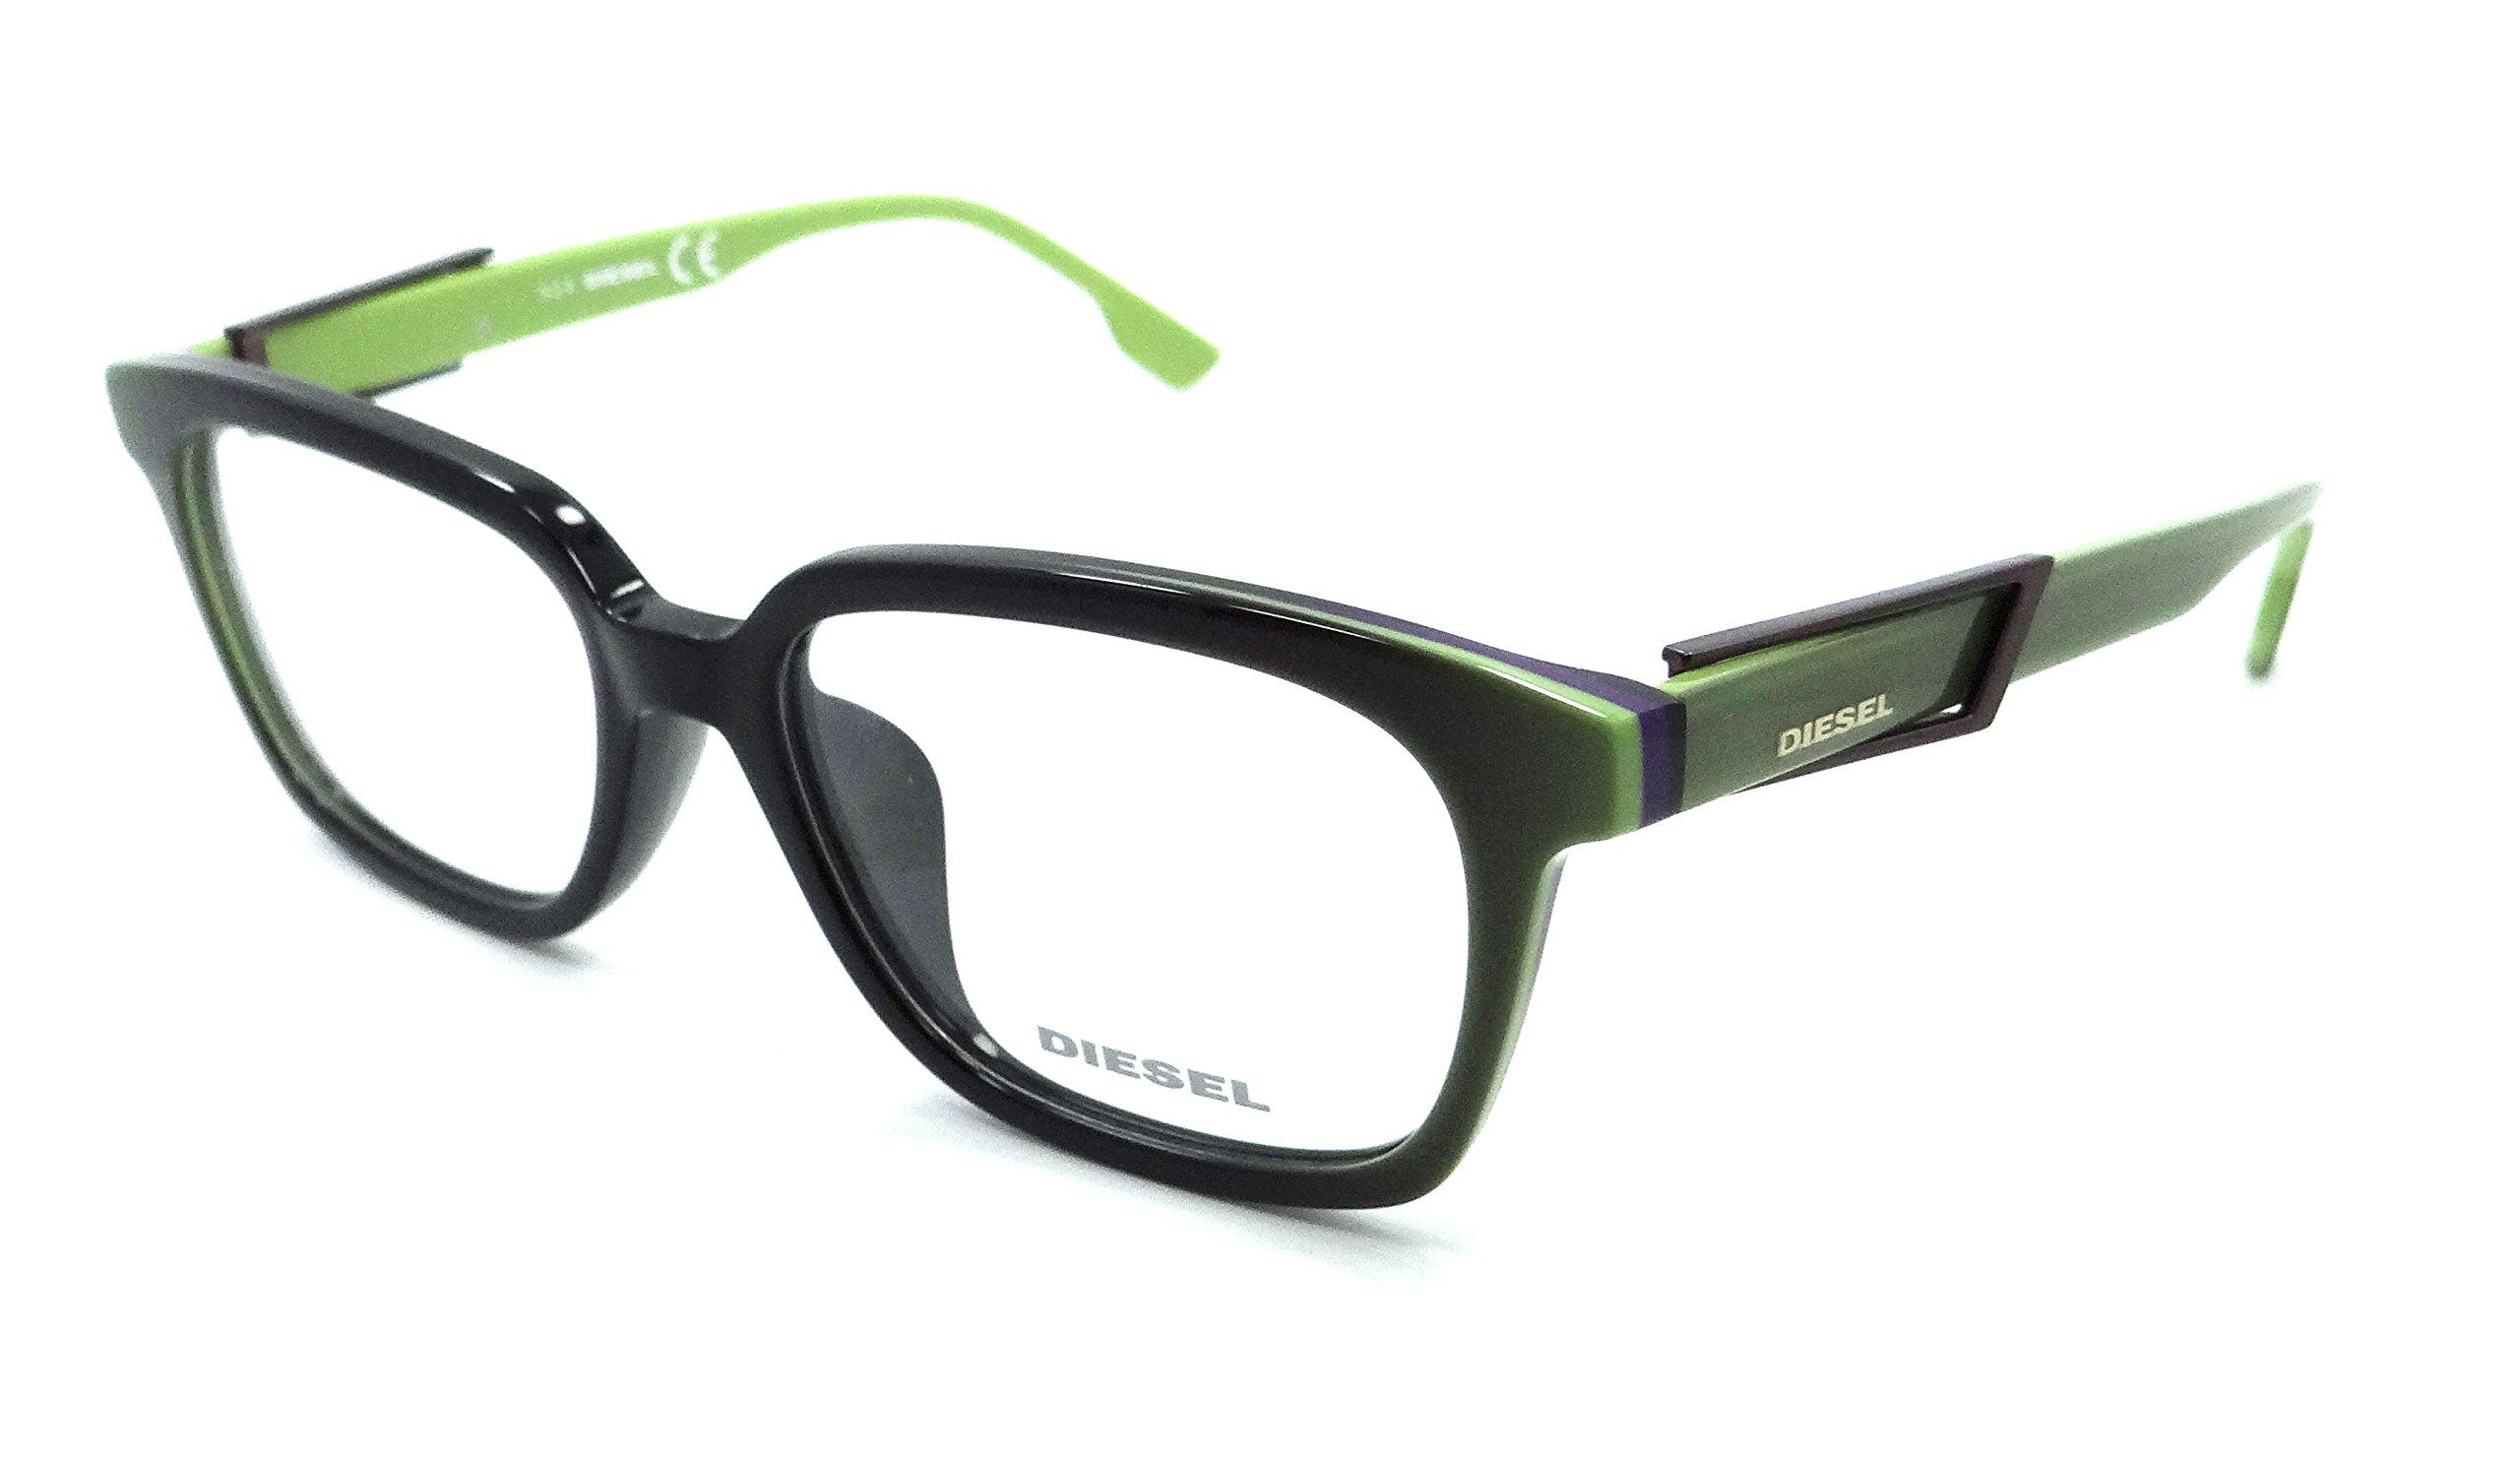 Diesel Rx Eyeglasses Frames DL5111-F 095 55-17-150 Black/Lime Green Asian Fit